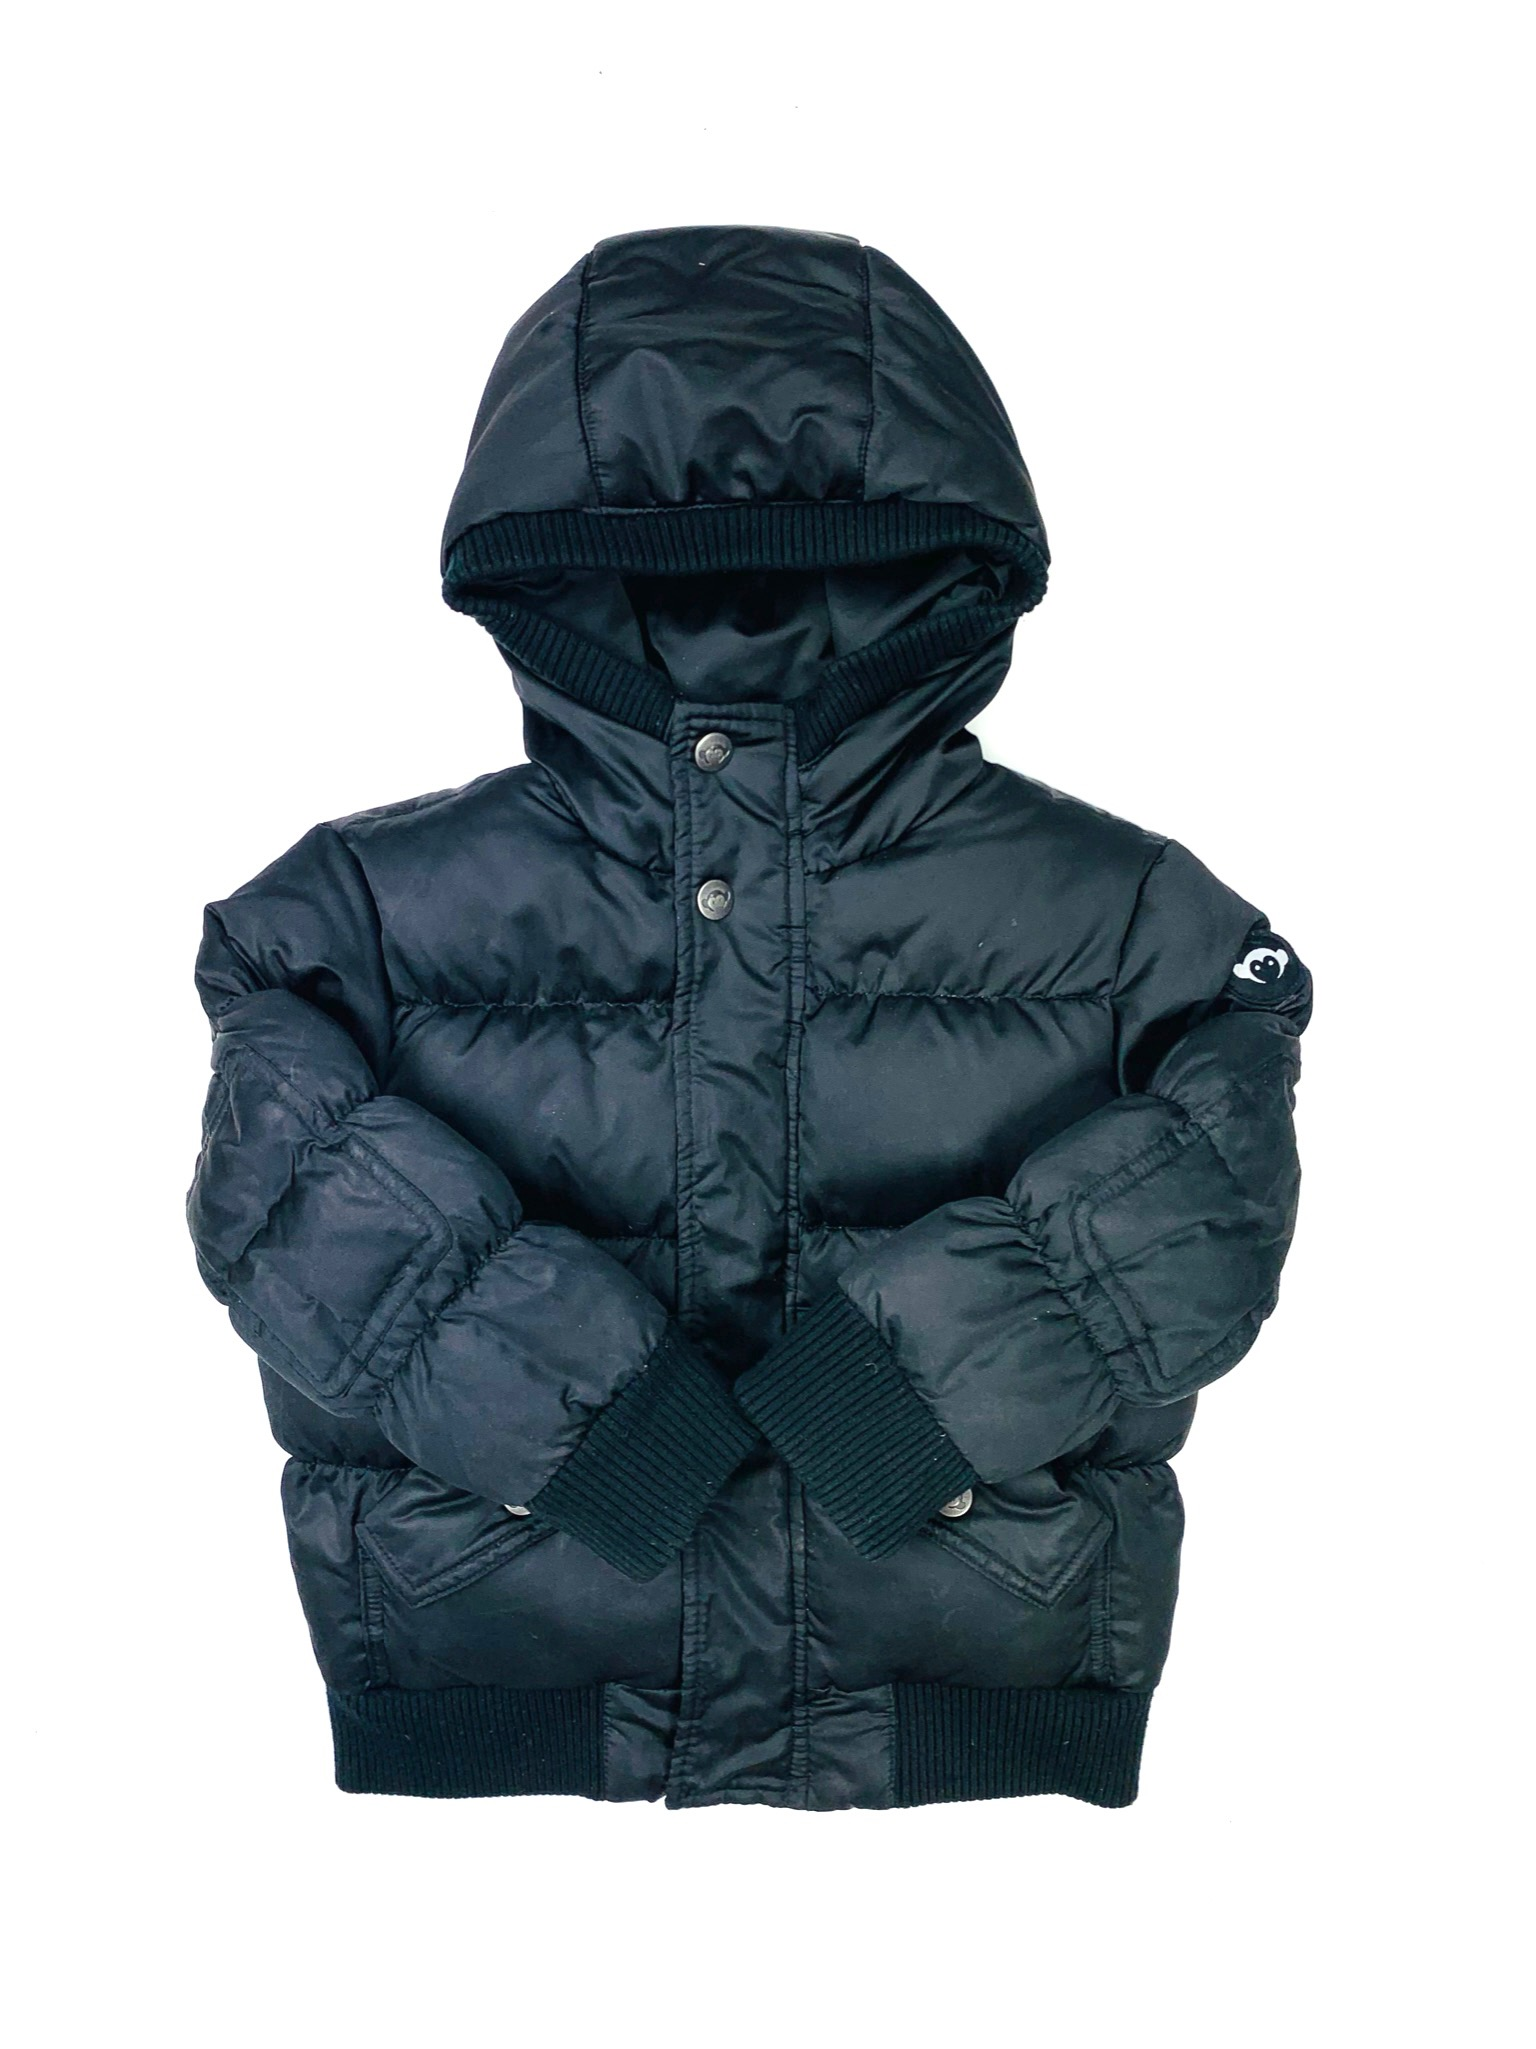 Appaman 3T Outerwear